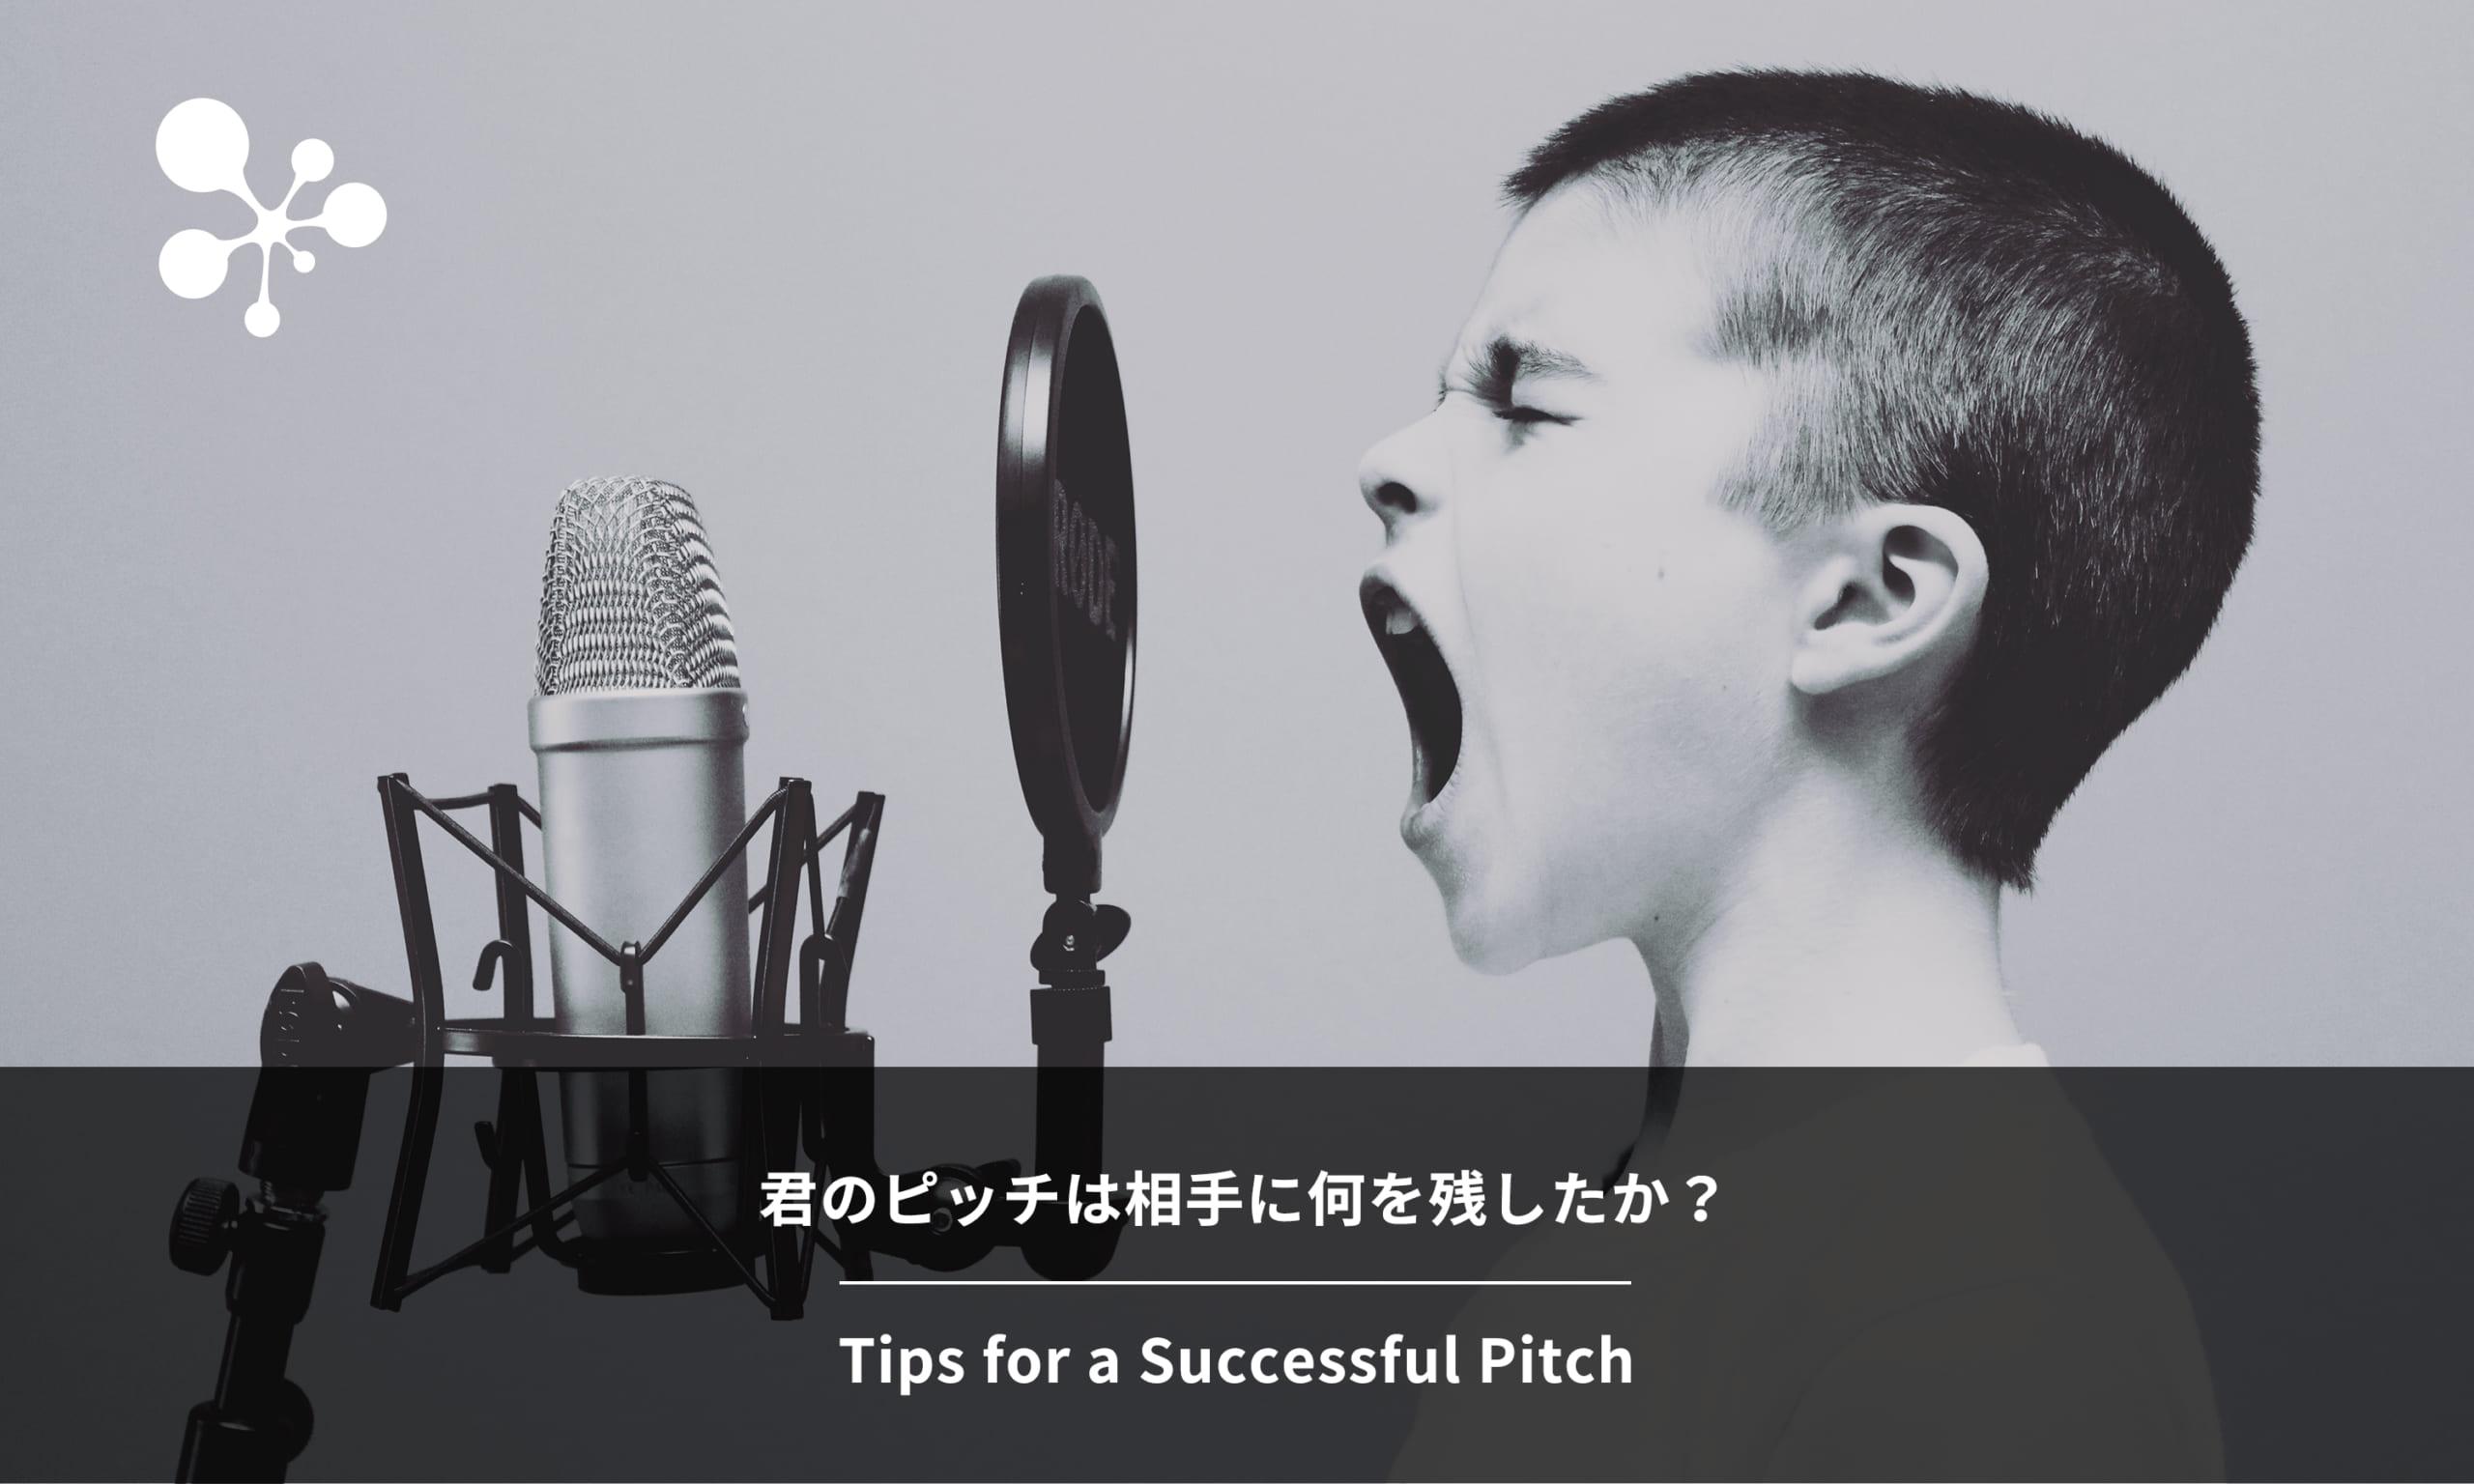 君のピッチは相手に何を残したか?|Tips for a Successful Pitch